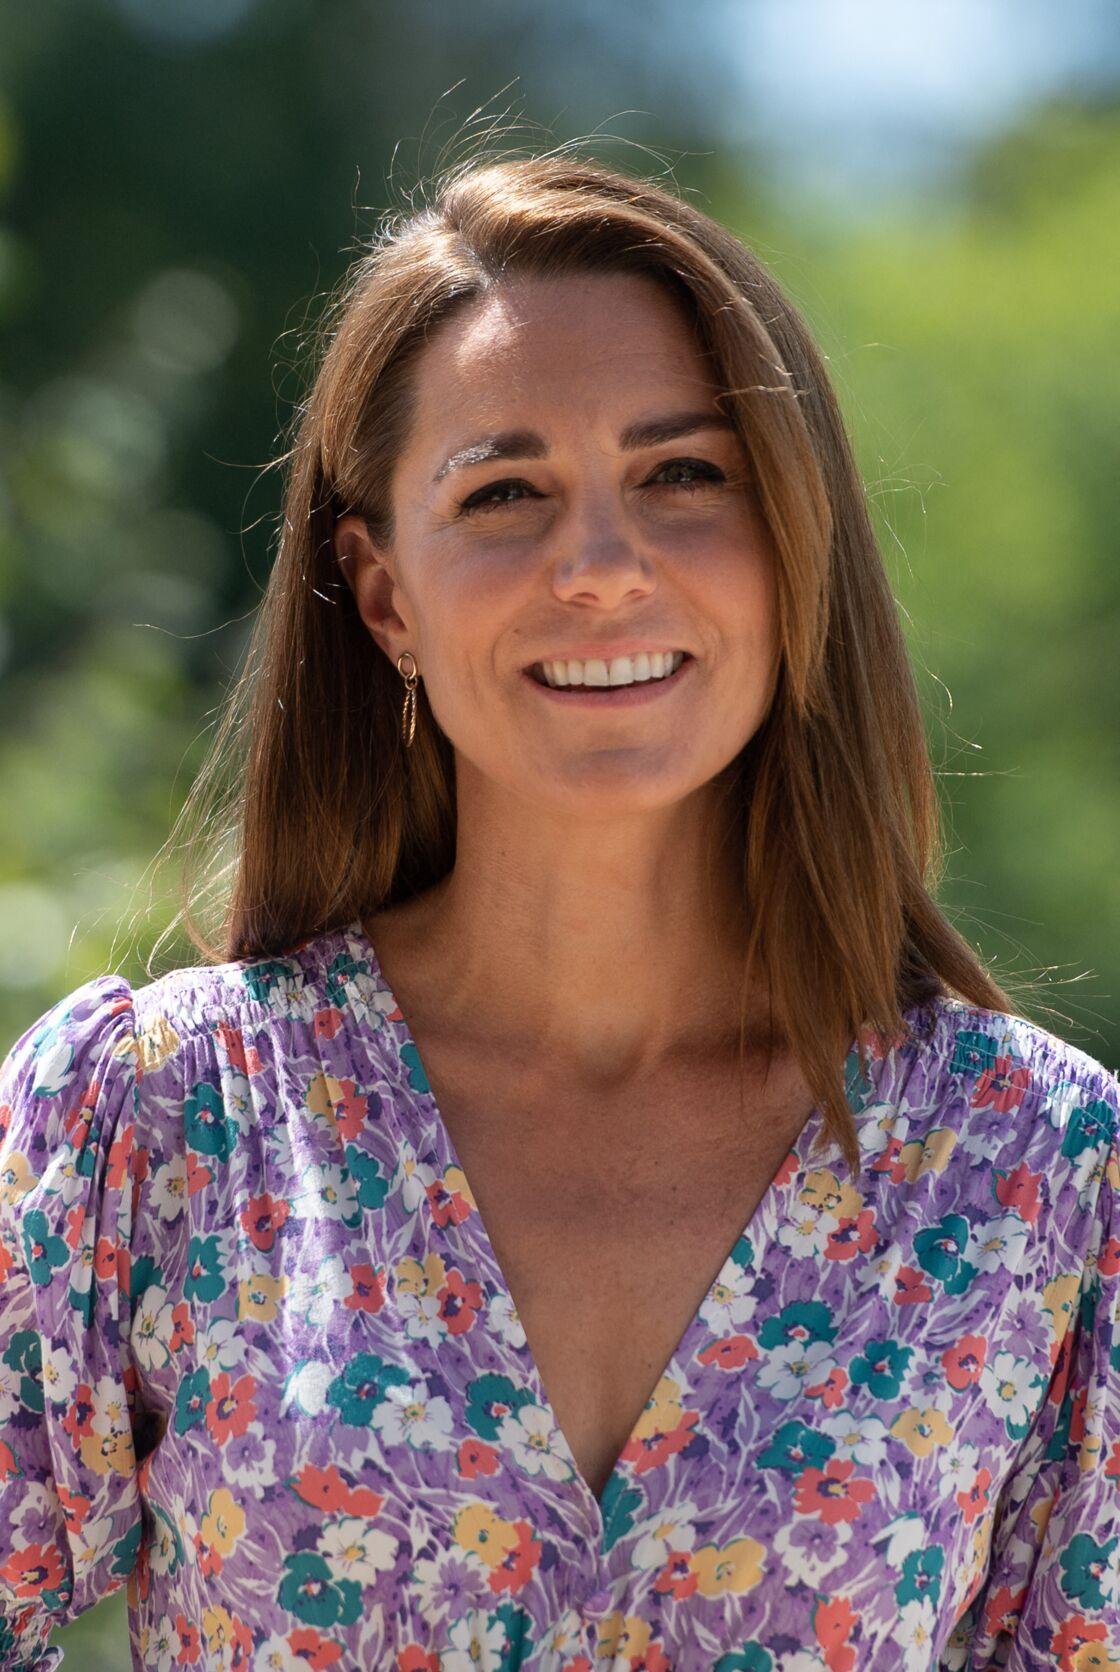 Kate Middleton arbore une vraie mèche de côté pour cet été 2020